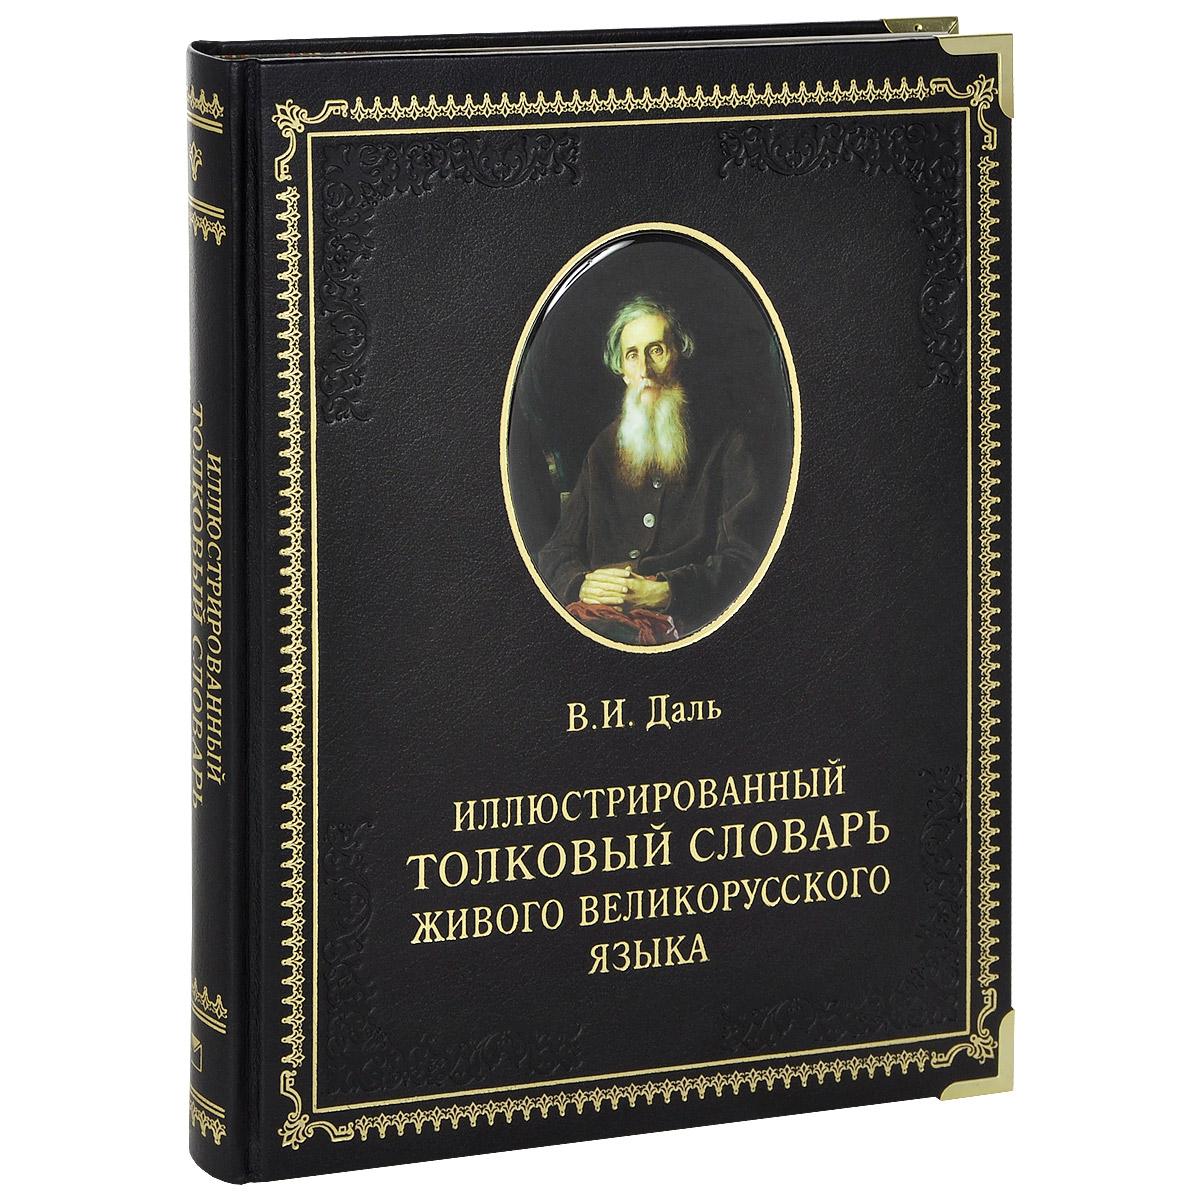 В. И. Даль Иллюстрированный толковый словарь живого великорусского языка (подарочное издание)